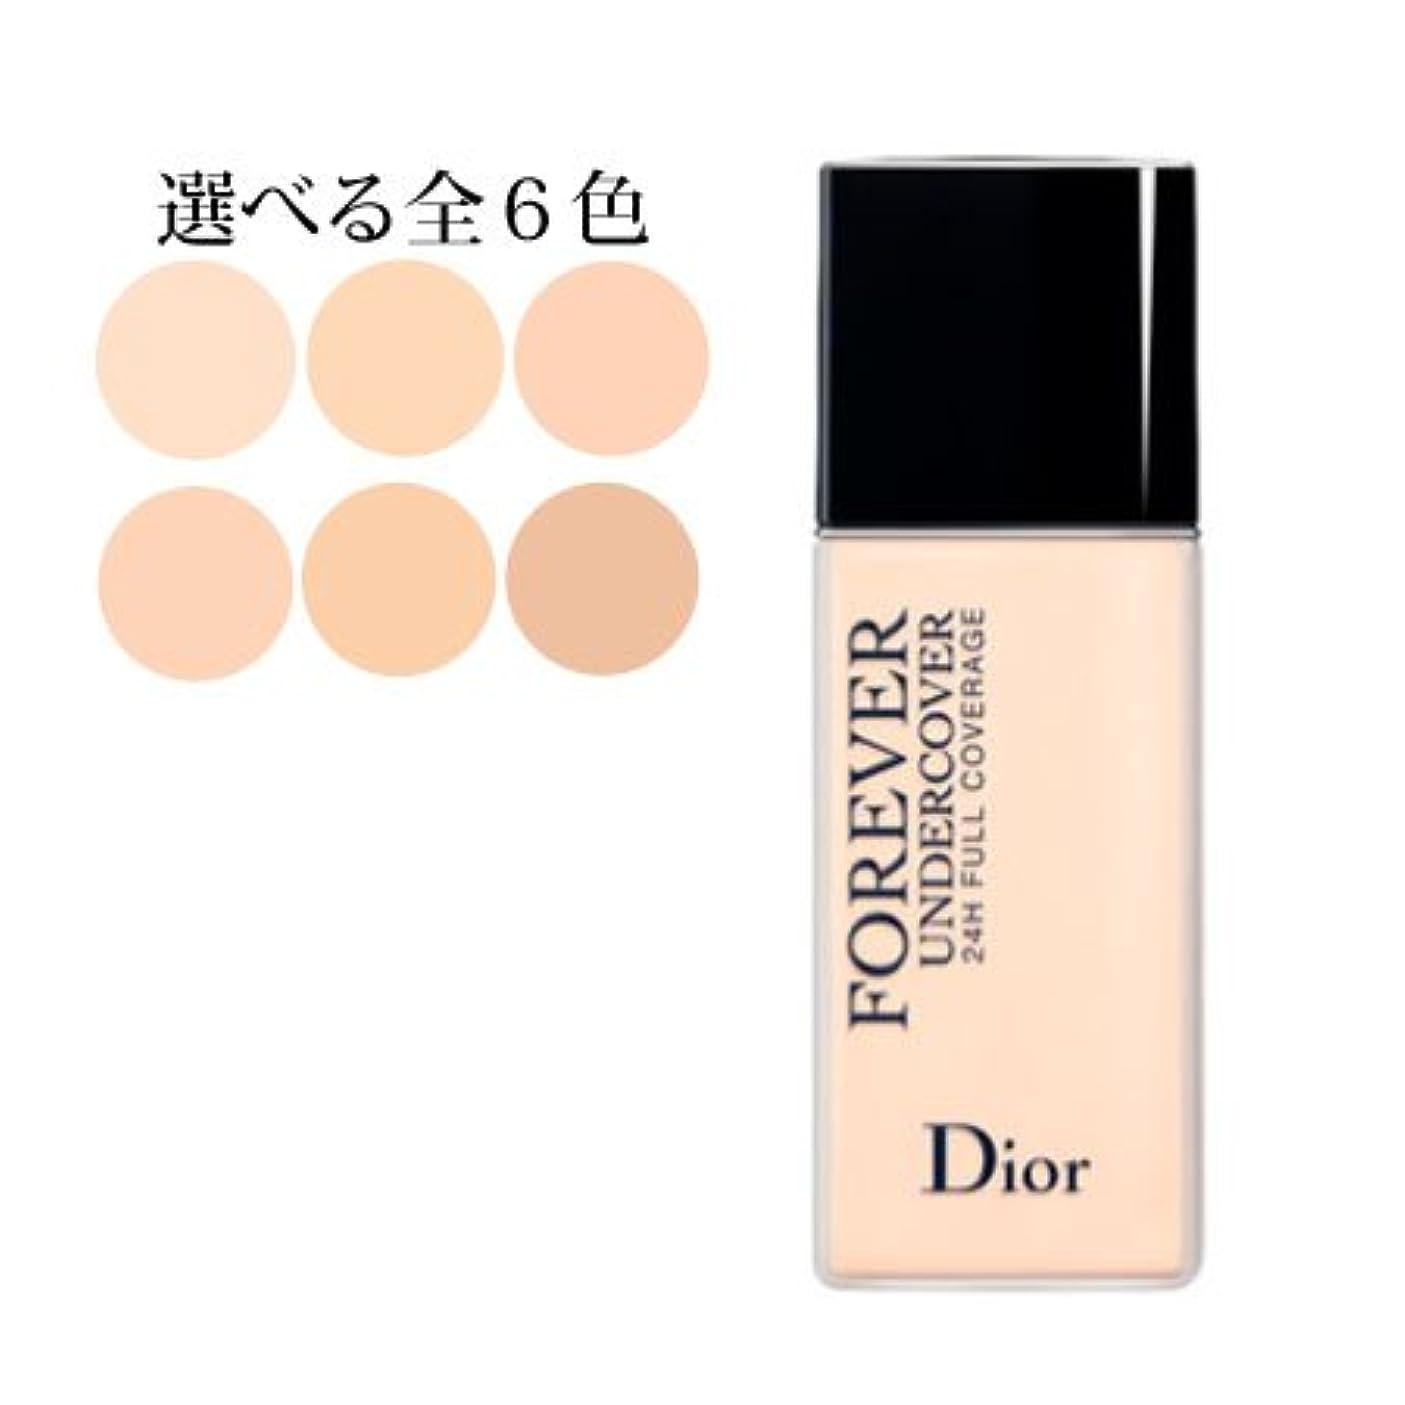 エジプト人頑丈信者ディオールスキン フォーエヴァー アンダーカバー 選べる6色 -Dior- 020